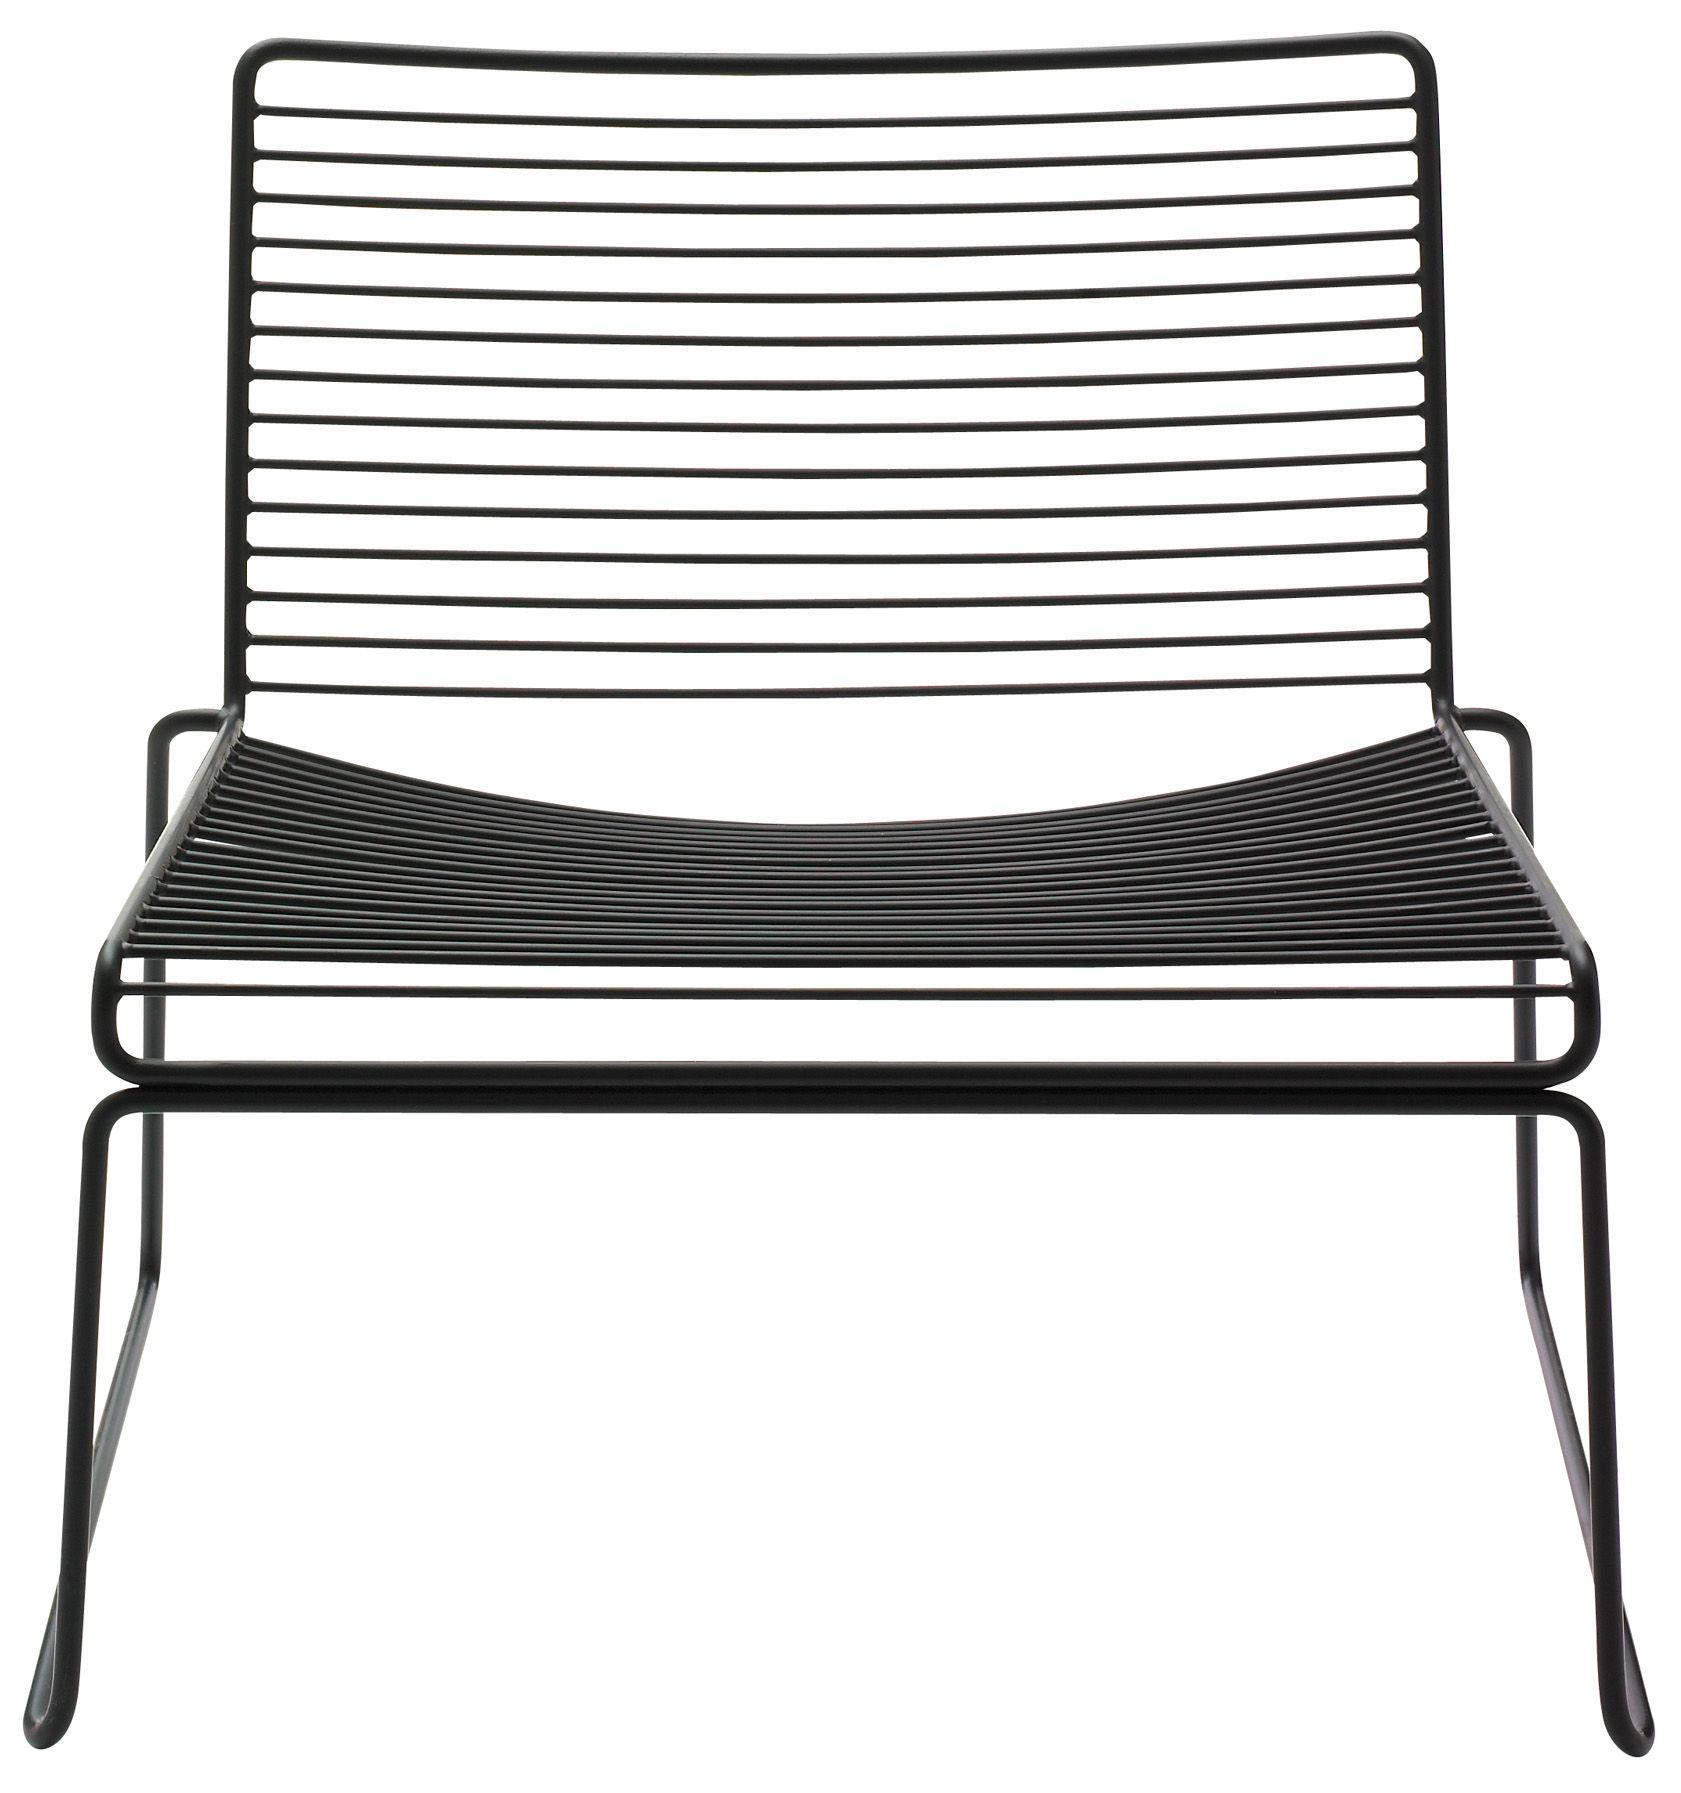 Möbel - Lounge Sessel - Hee Lounge Sessel Clubsessel - Hay - Schwarz - lackierter Stahl